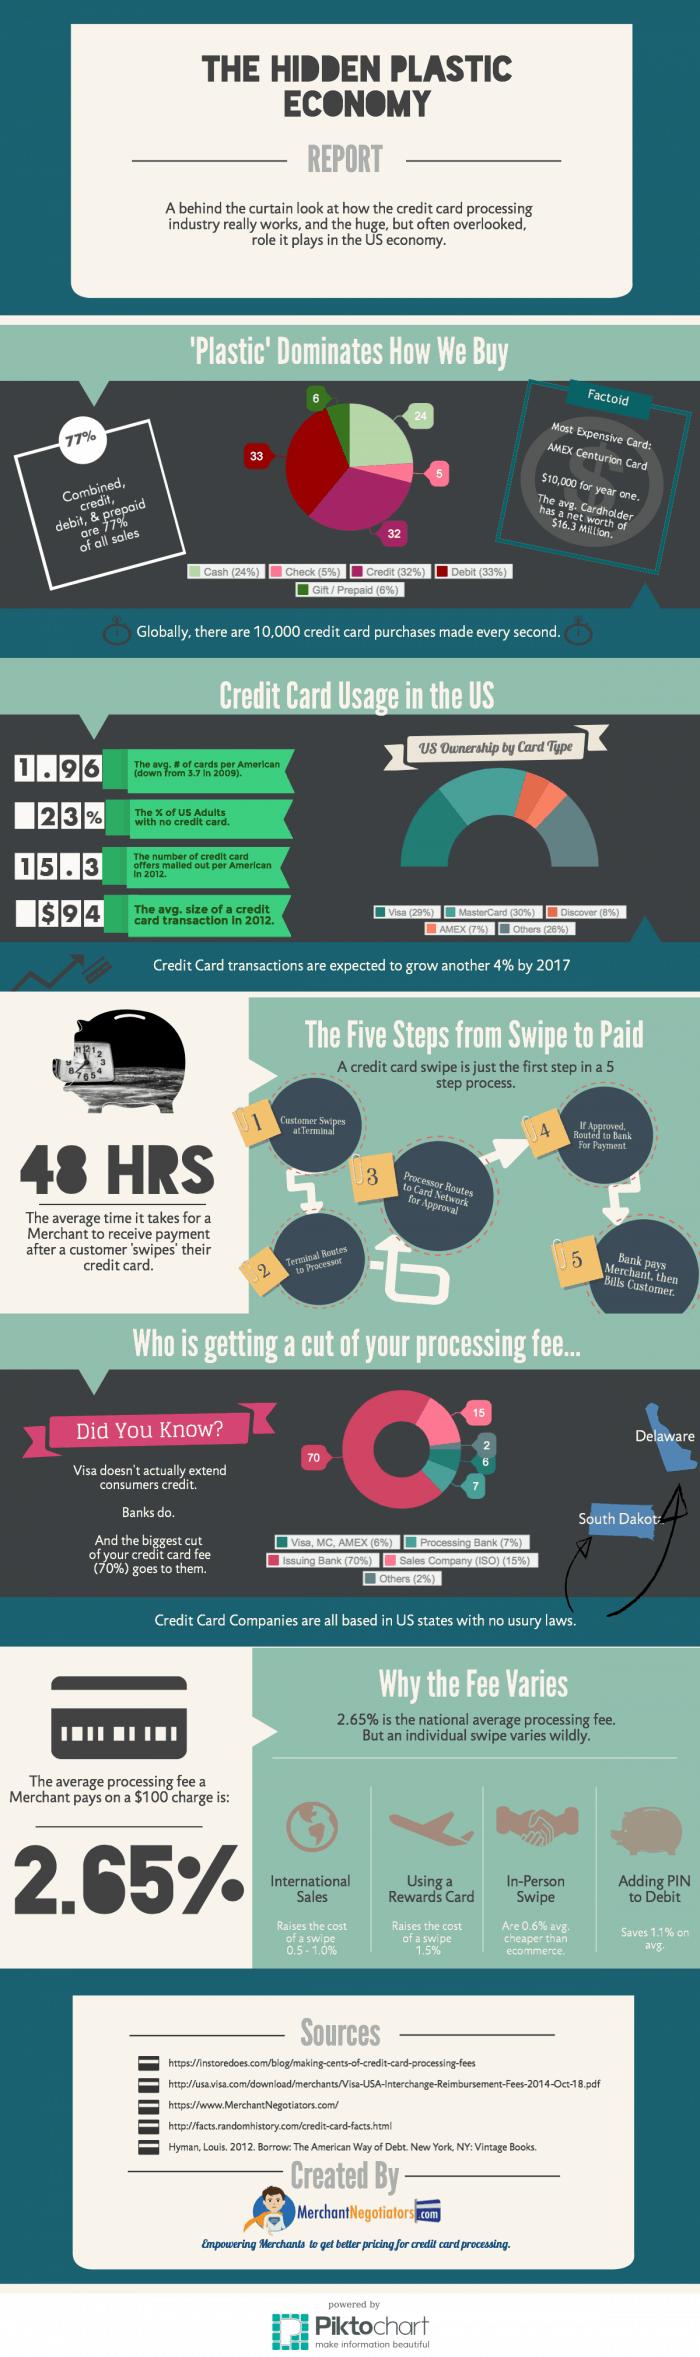 Hidden Plastic Economy Infographic